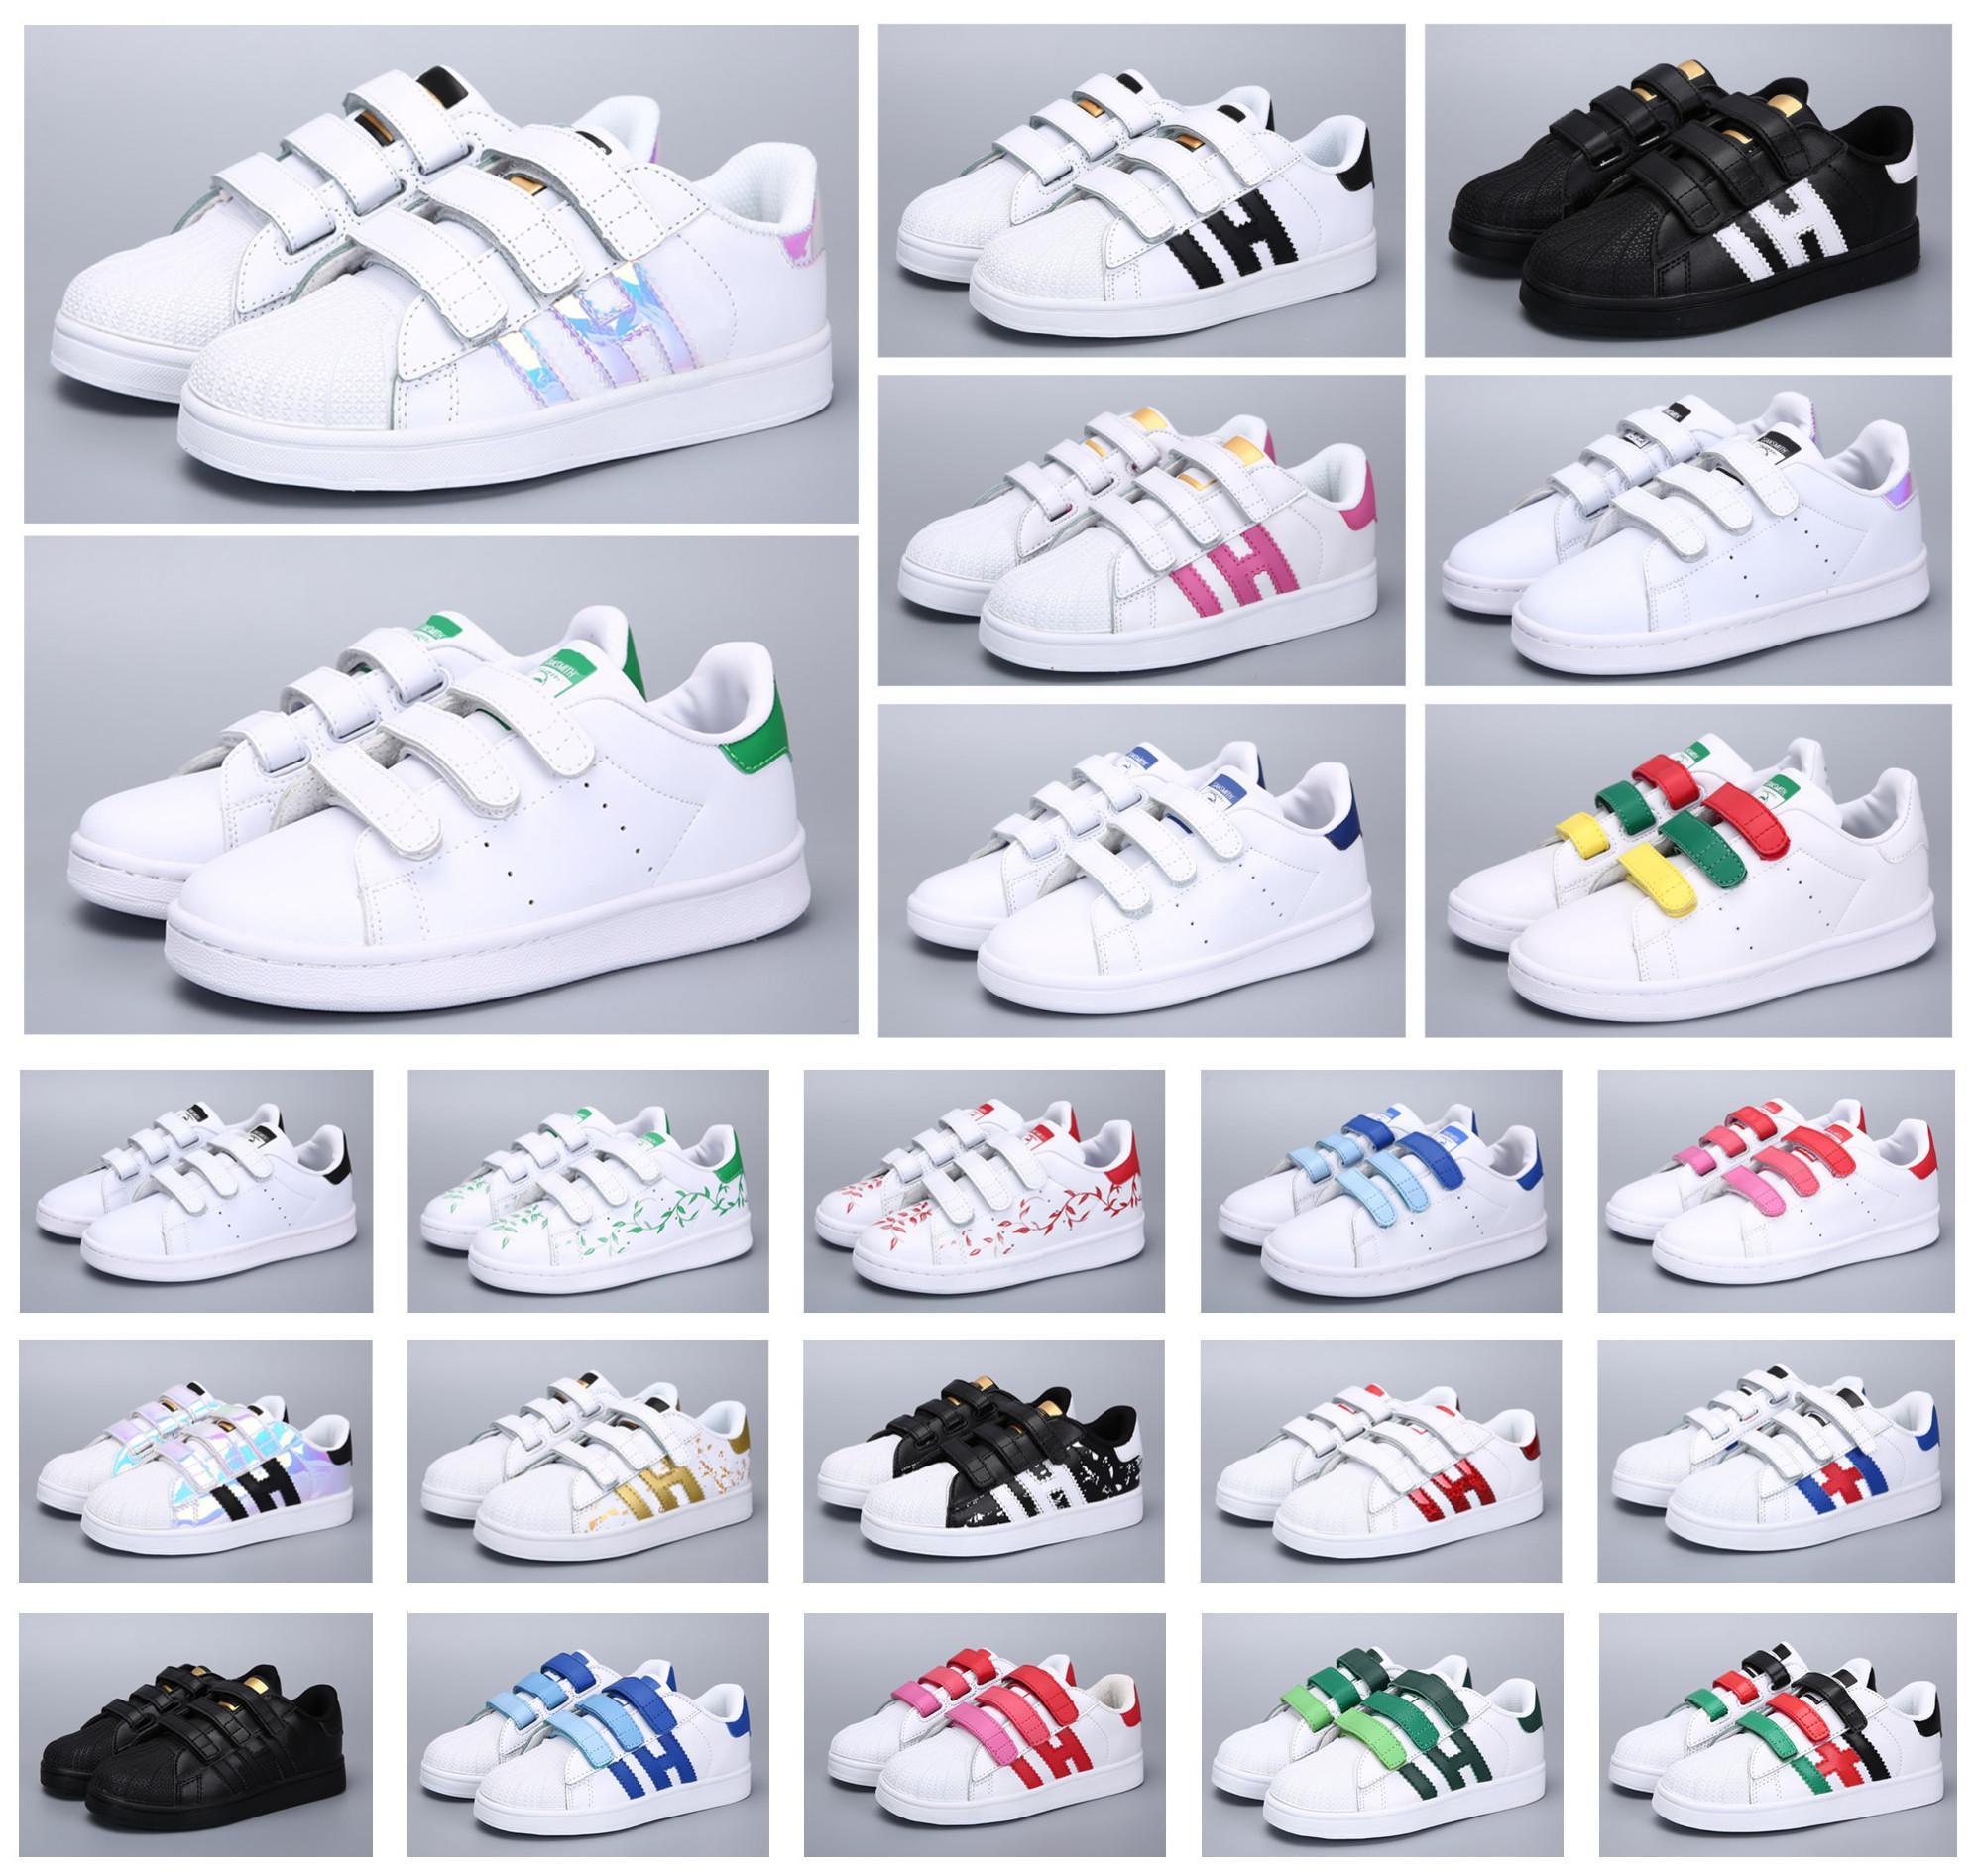 Classique Jeunesse Stan Smith Superstar Enfants Filles Enfant Garçons Bébé Chaussures De Sport Casual Sport Taille 24-35